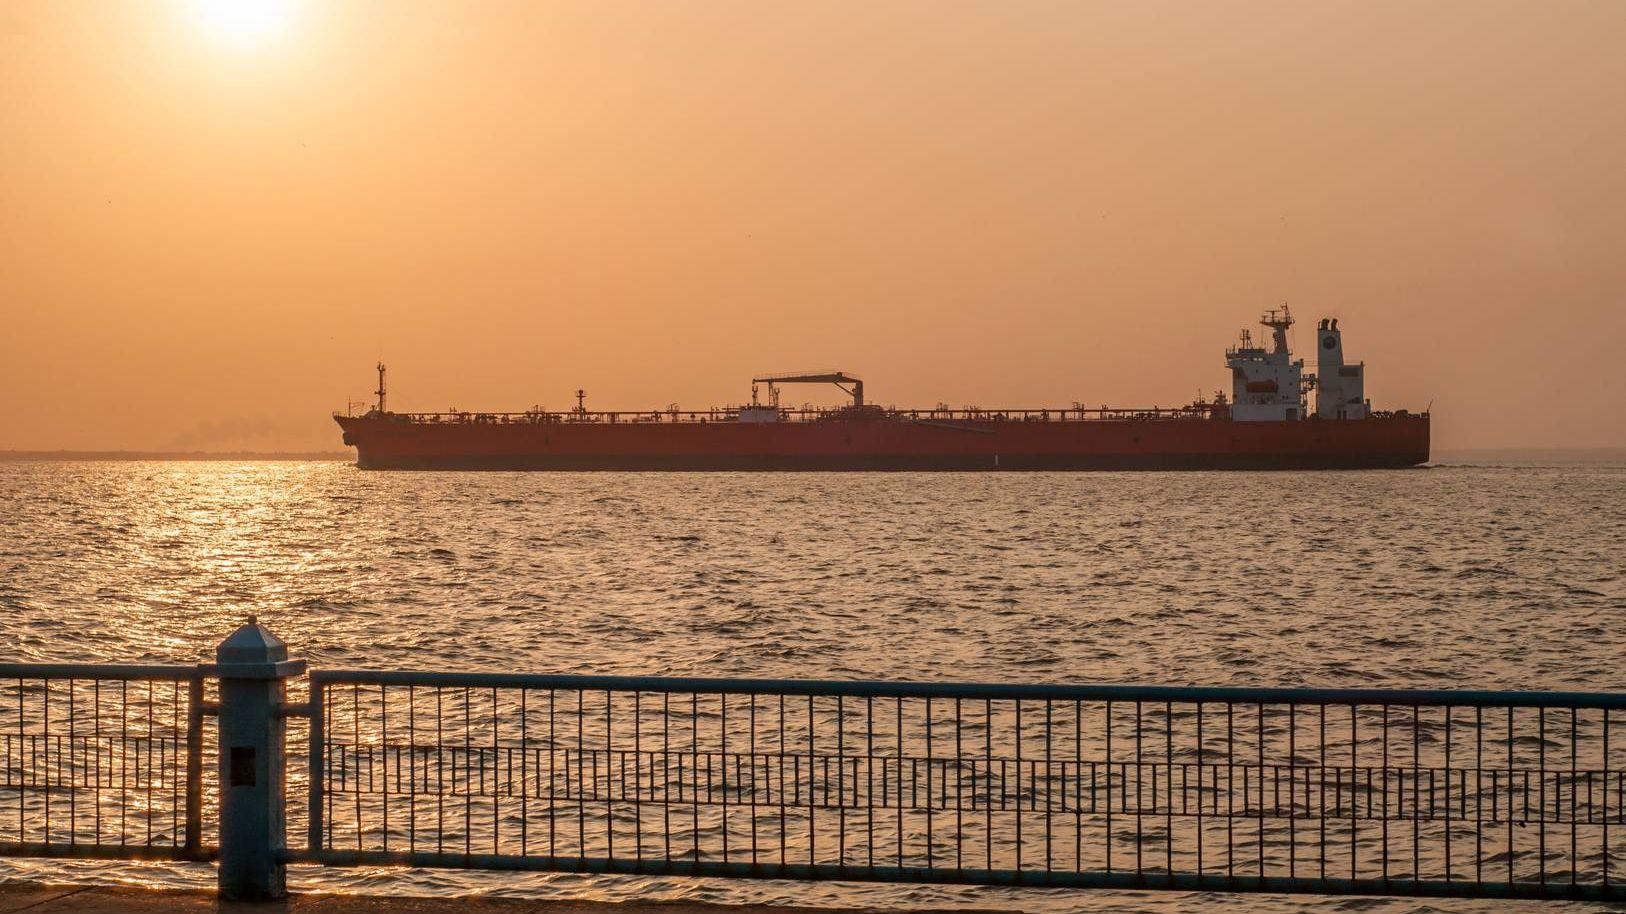 Нефтяной танкер. Венесуэла